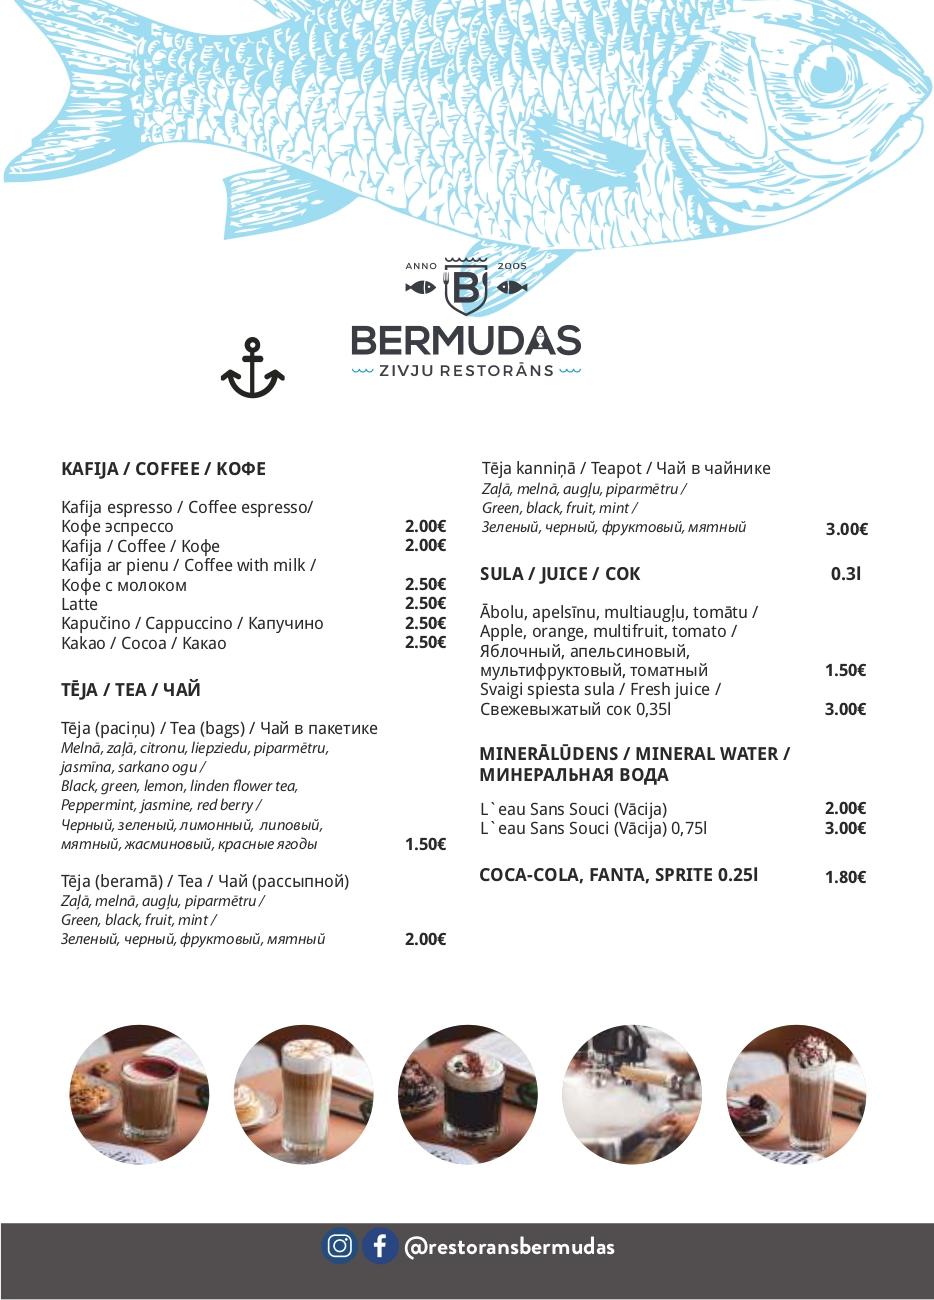 BERMUDAS - edienkarte 2021 - web 1-8_page-0001